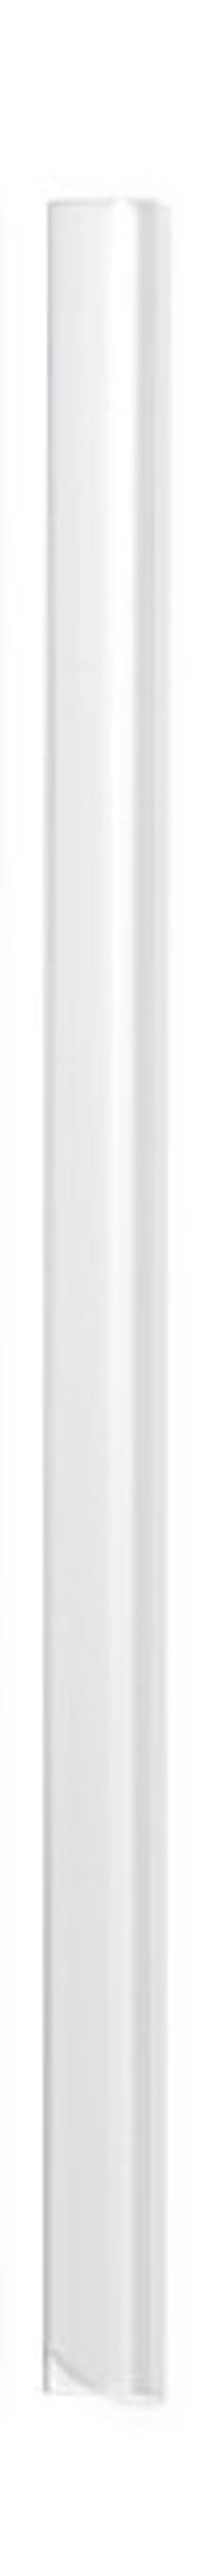 Скрепкошина для документов А4, 6 мм, прозрачная фото